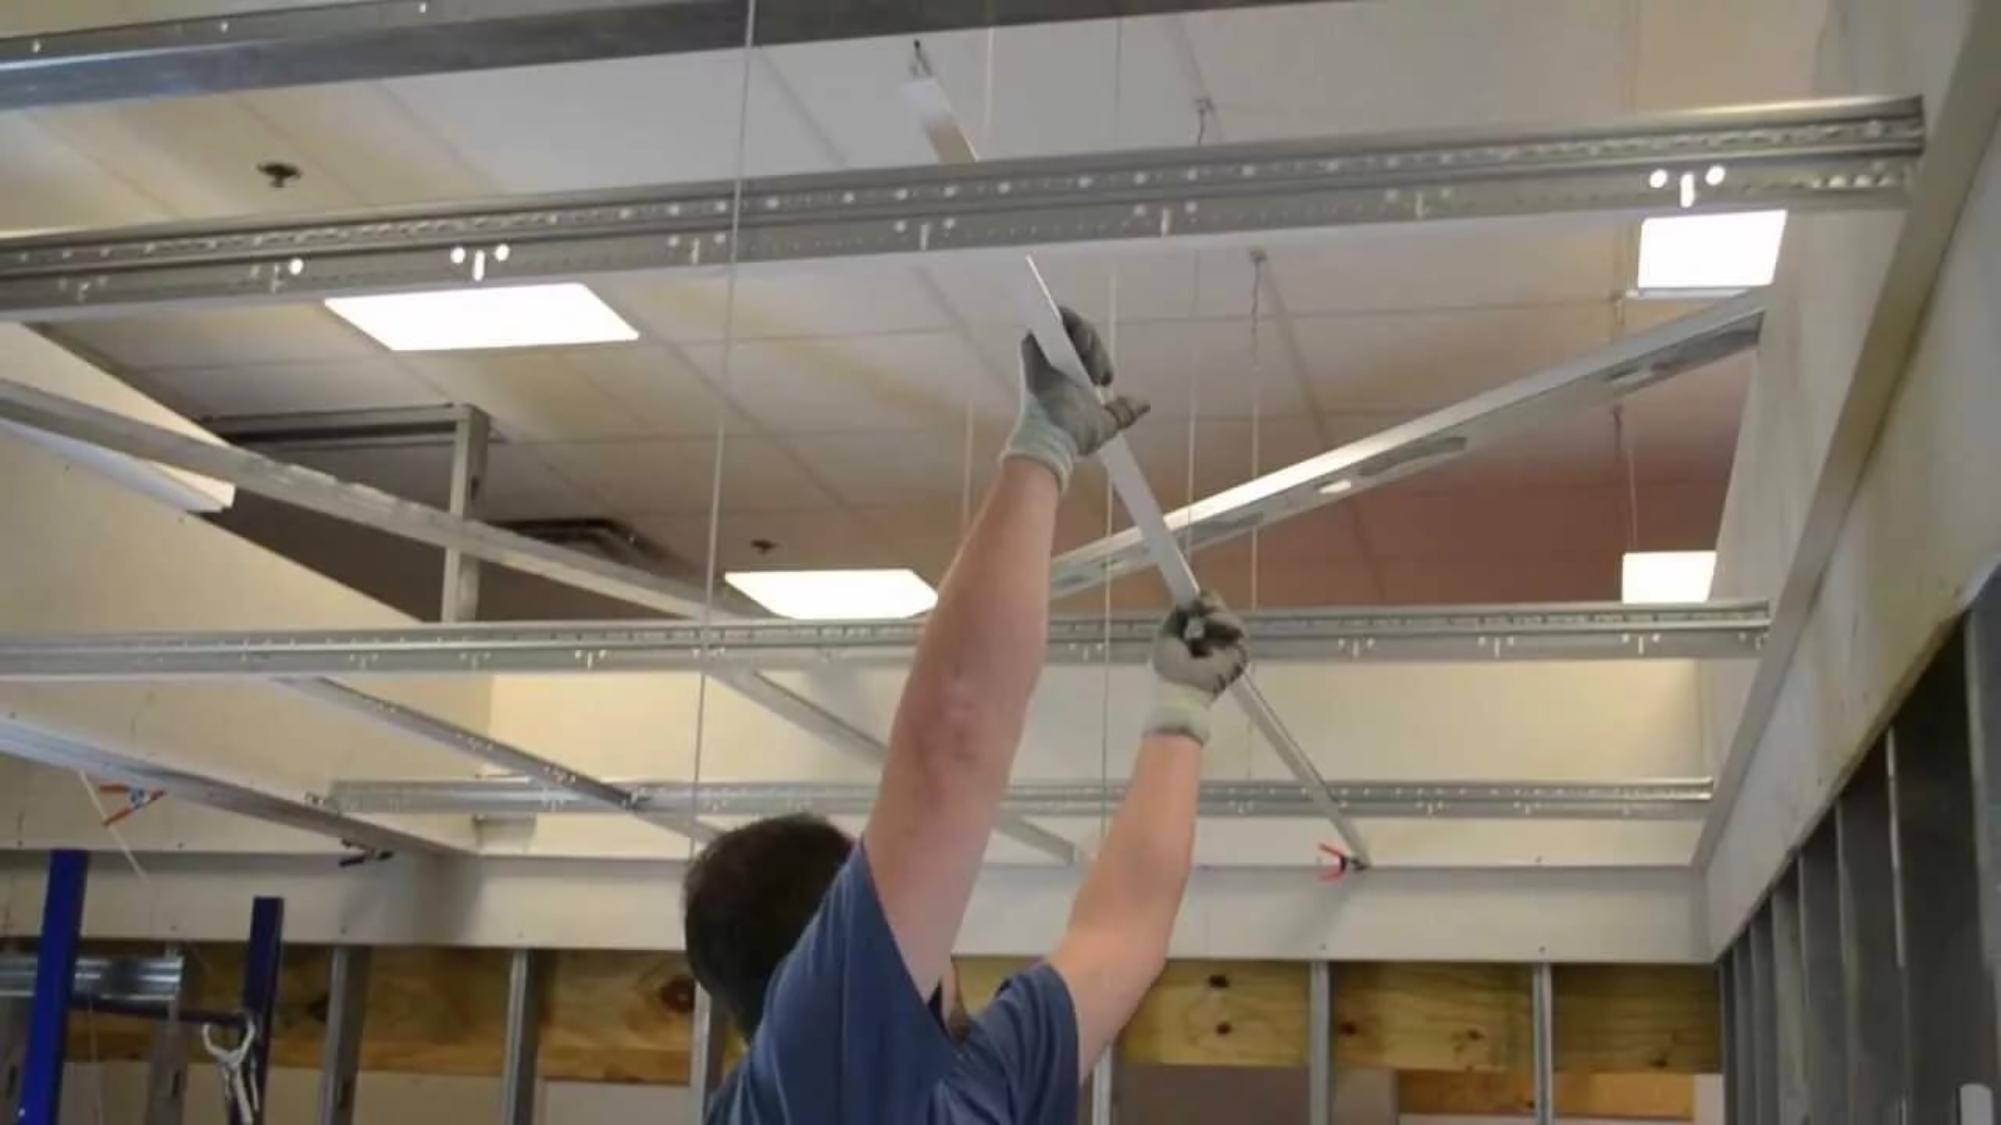 Монтаж подвесных потолков армстронг своими руками: расчет потолка, крепление и сборка